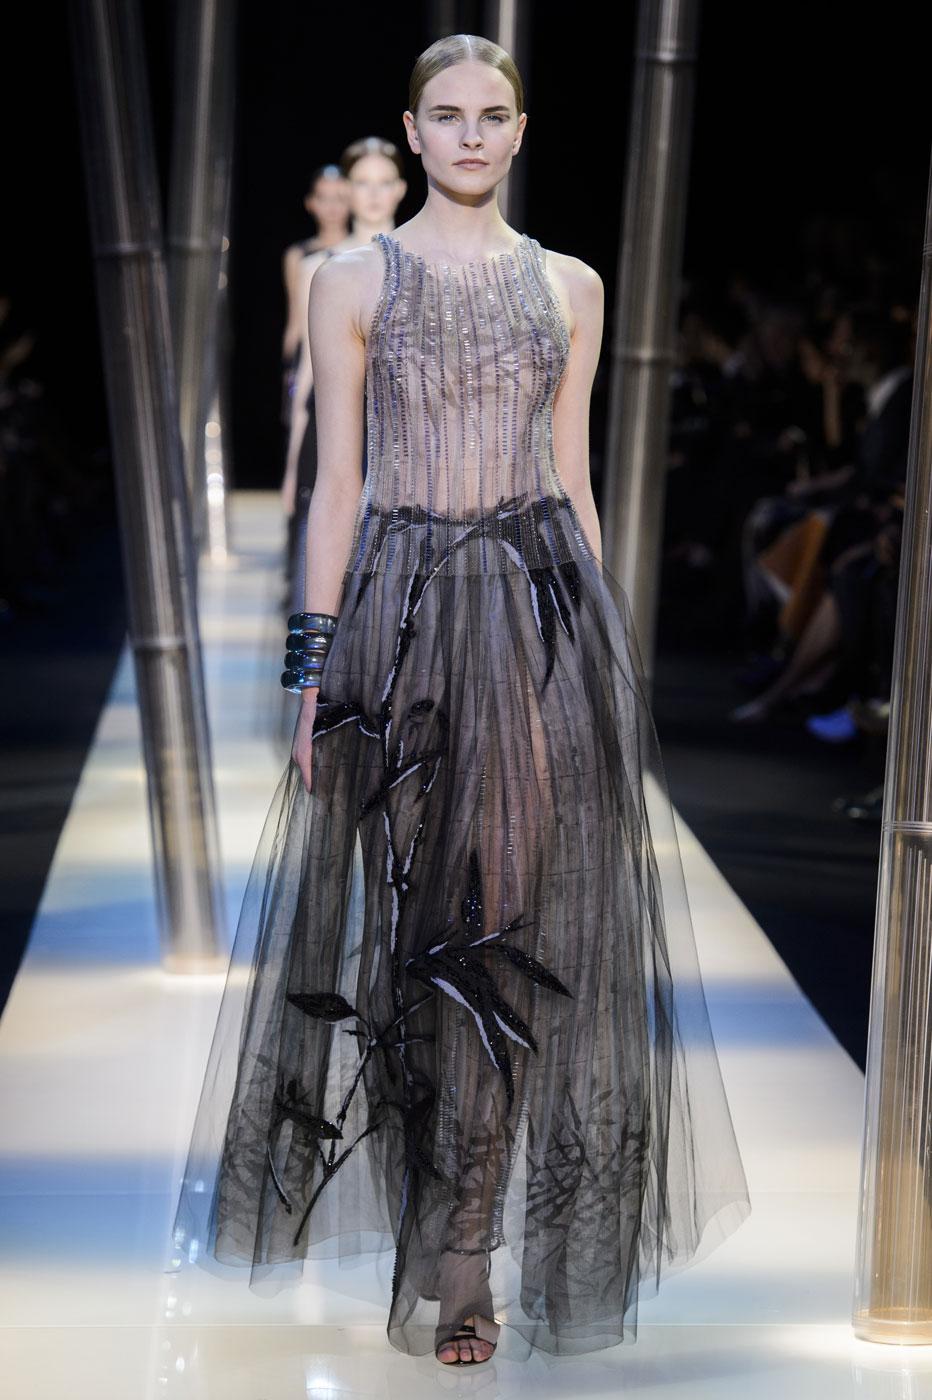 Giorgio-armani-Prive-fashion-runway-show-haute-couture-paris-spring-2015-the-impression-117